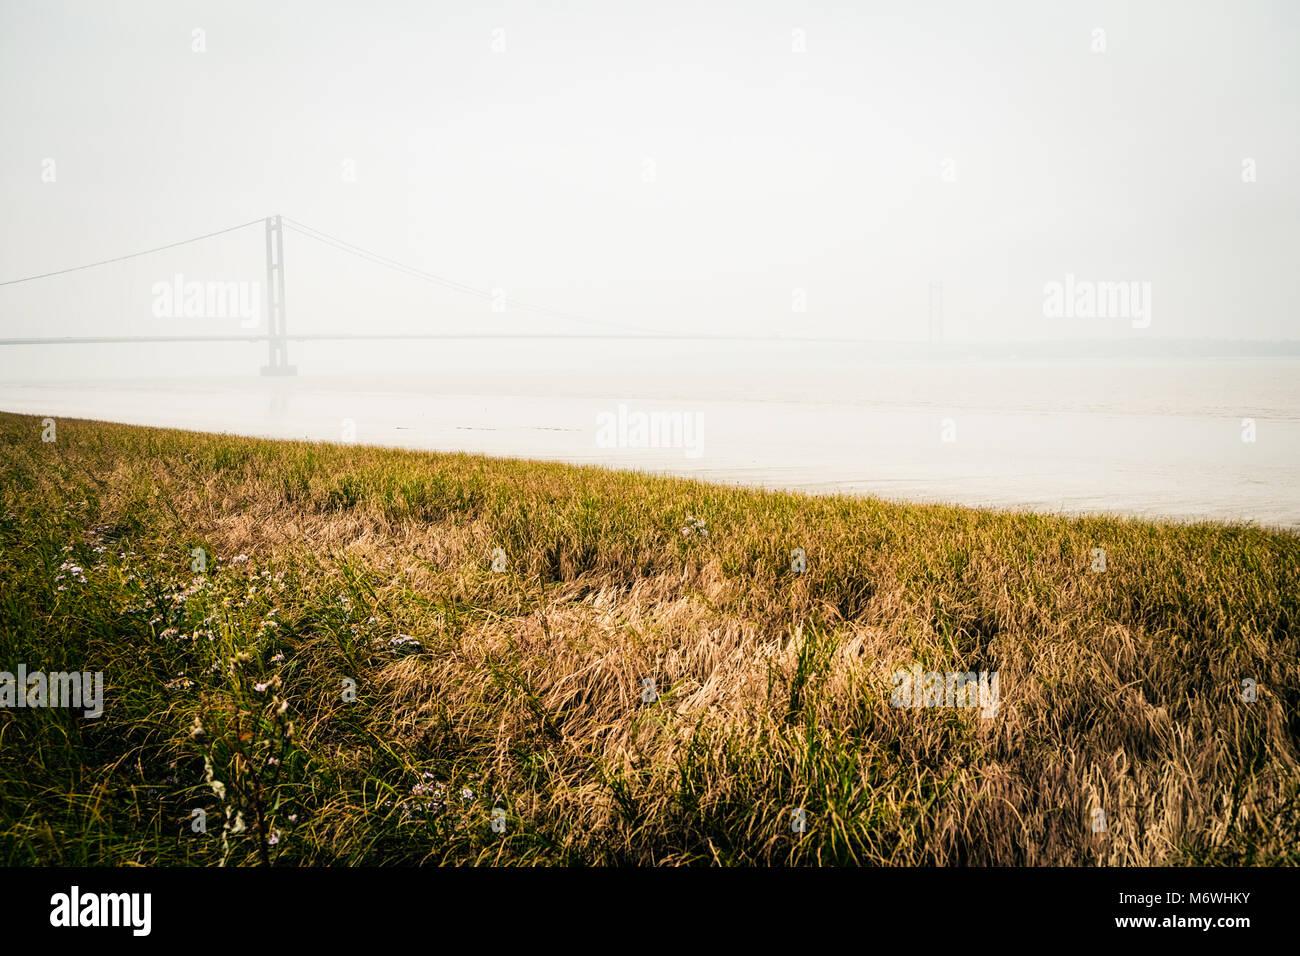 Le Humber Bridge vu de la rive sud de la rivière à Barton upon Humber dans une roselière, brume atmosphérique, Photo Stock